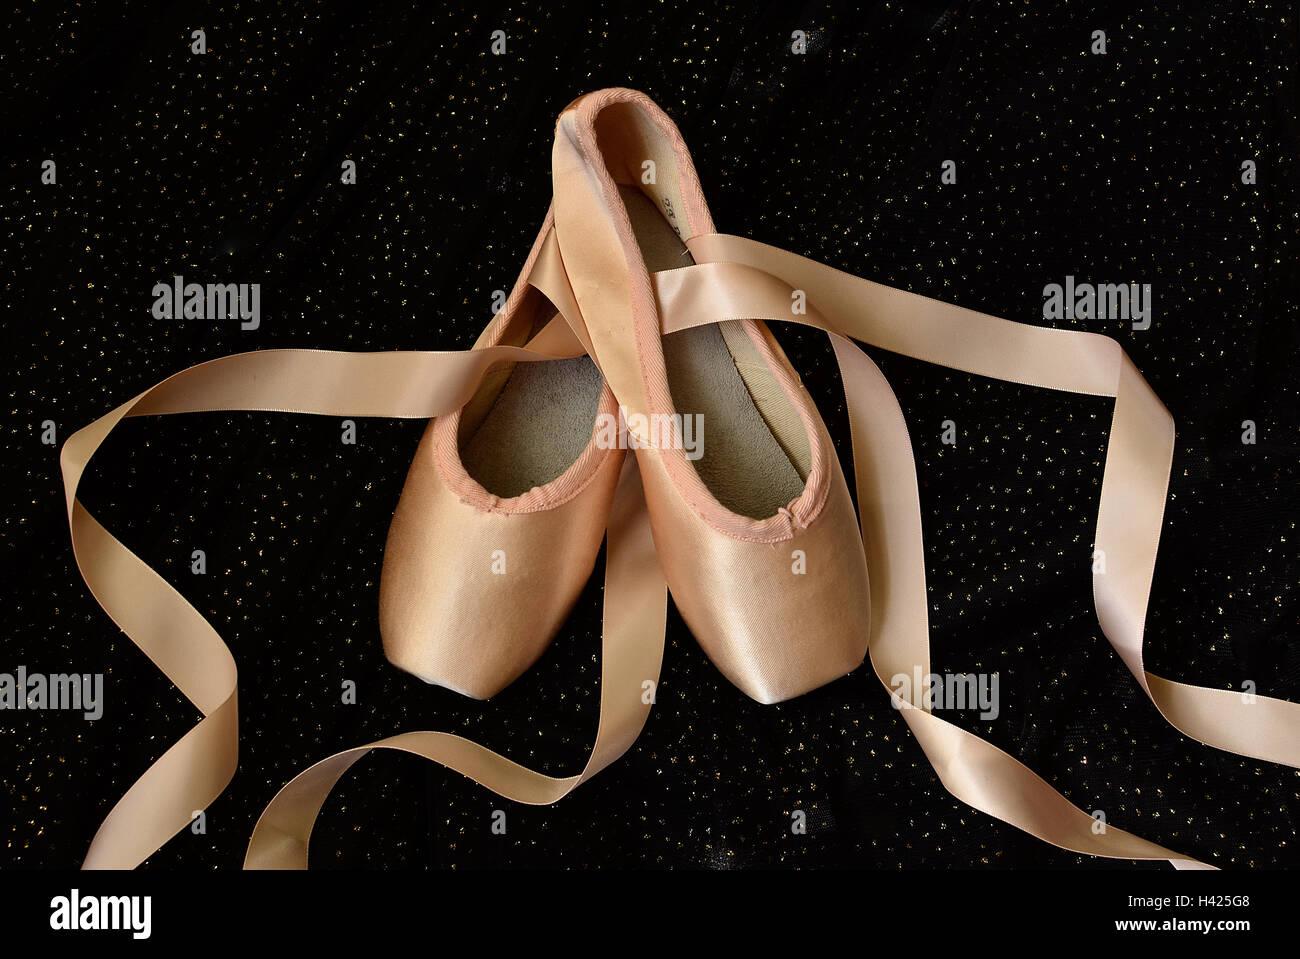 Damenschuhe Kleidung & Accessoires Damen Ballerinas Hausschuhe Ballettschuhe Durch Wissenschaftlichen Prozess